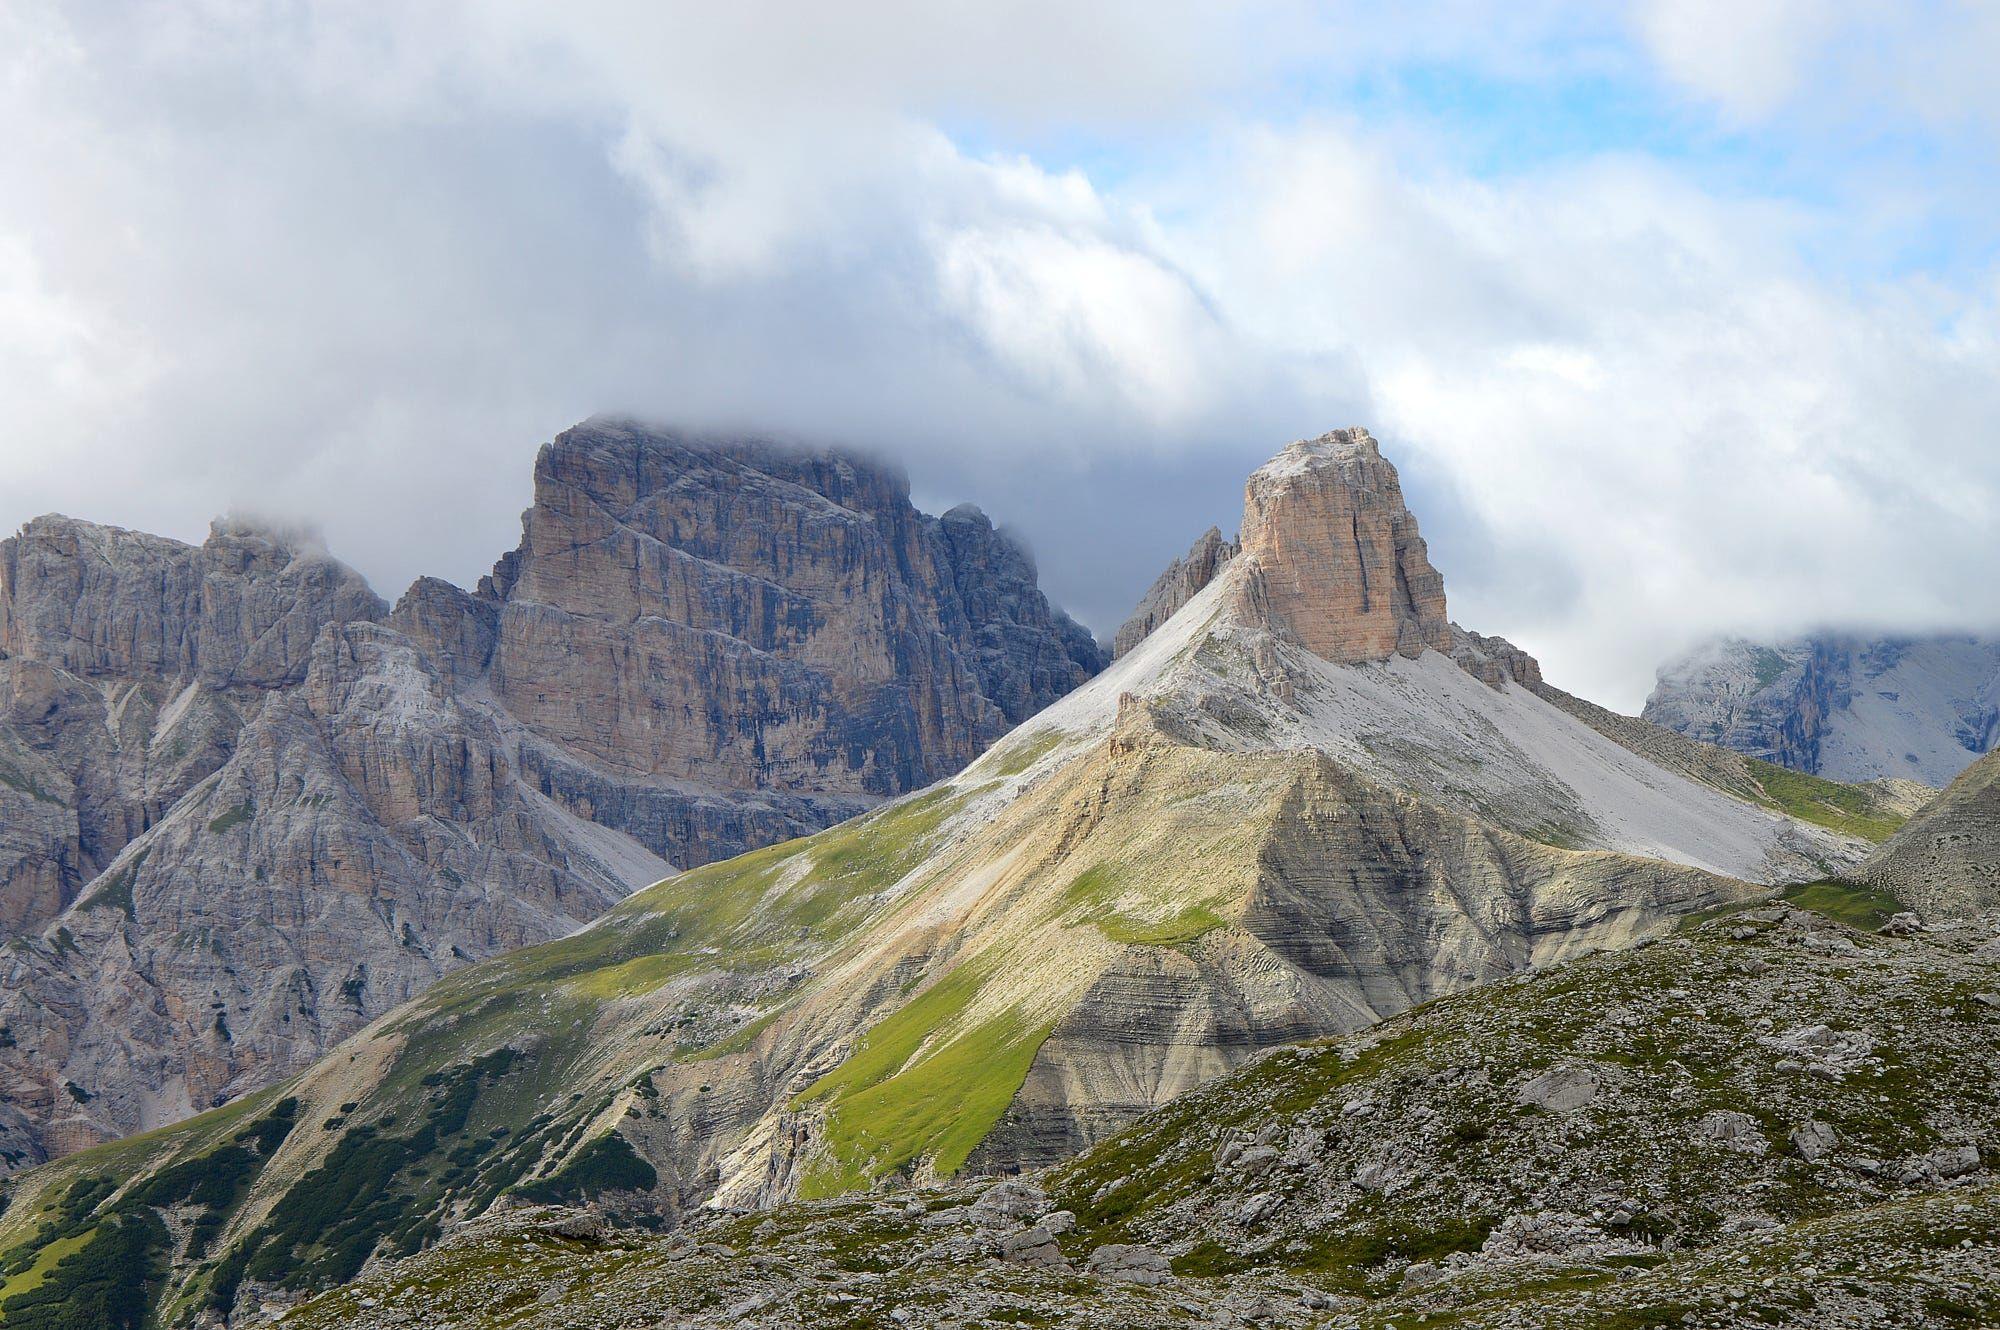 Vista dolomiti da sentiero Locatelli , parco naturale tre cime di Lavaredo by Renato Vettoretti on 500px